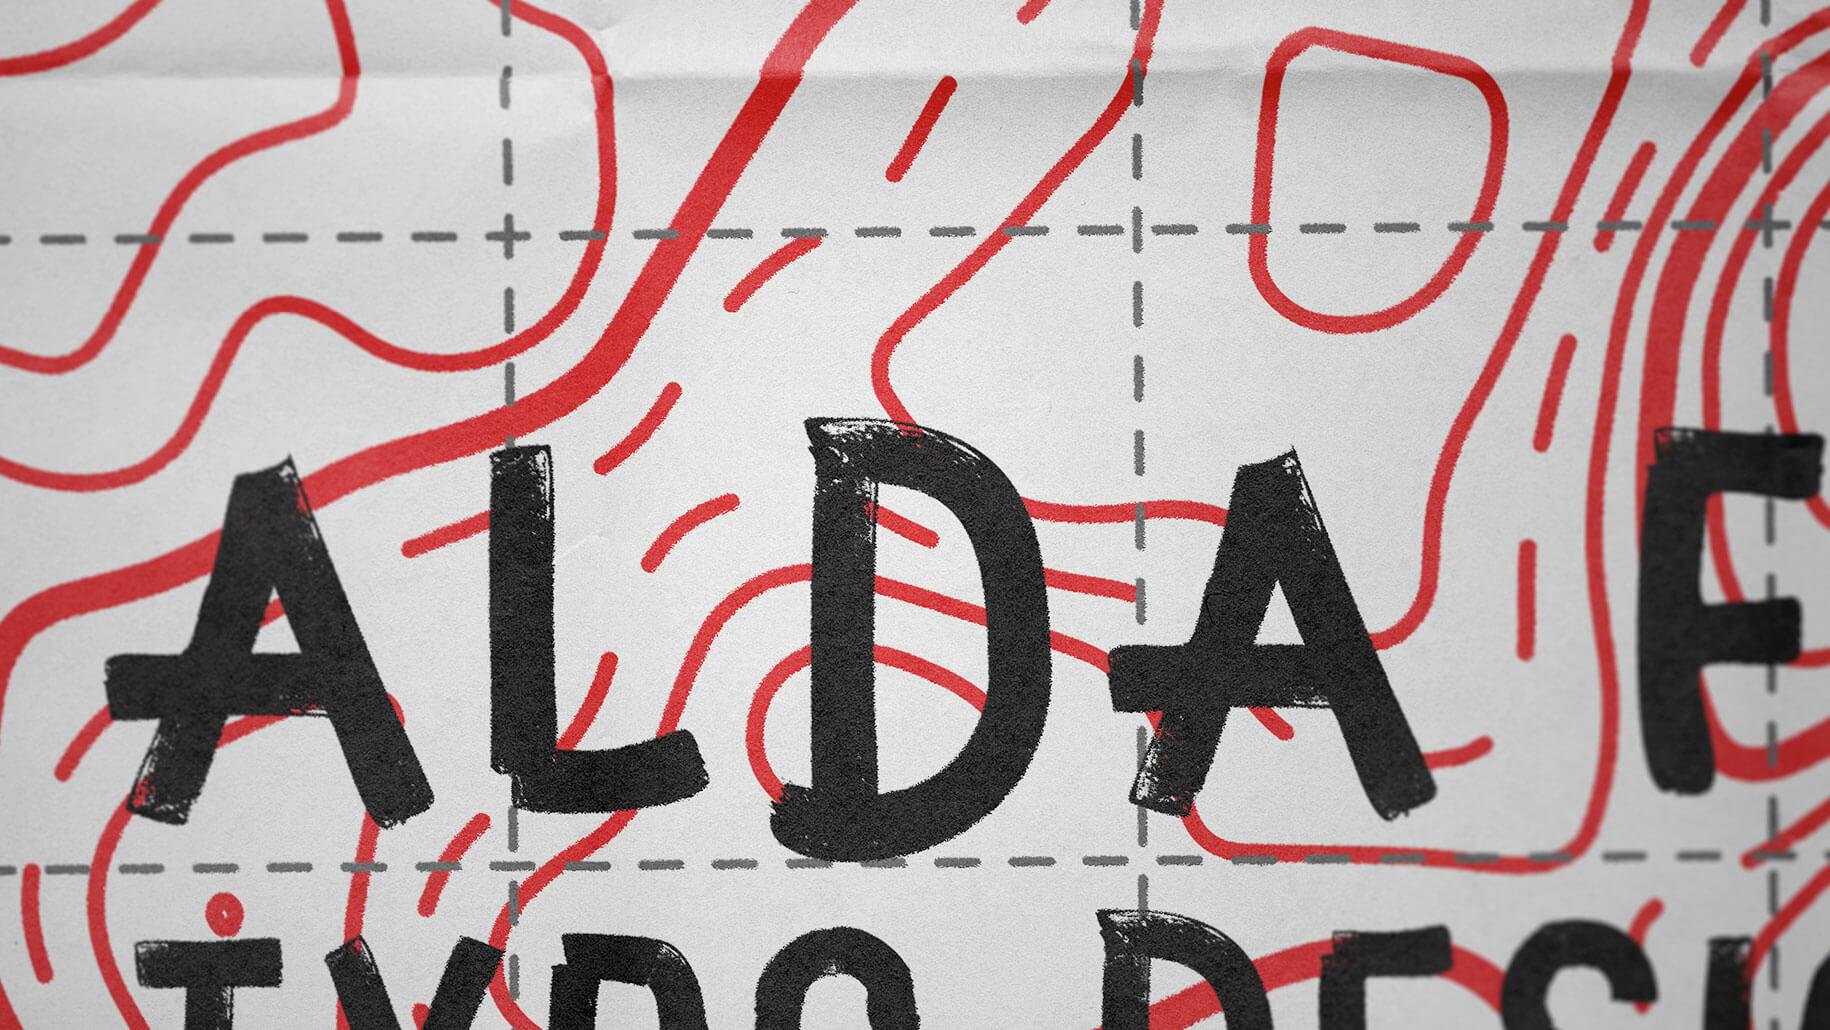 fabian-wolfram-fonts-alda-fw-slide-002